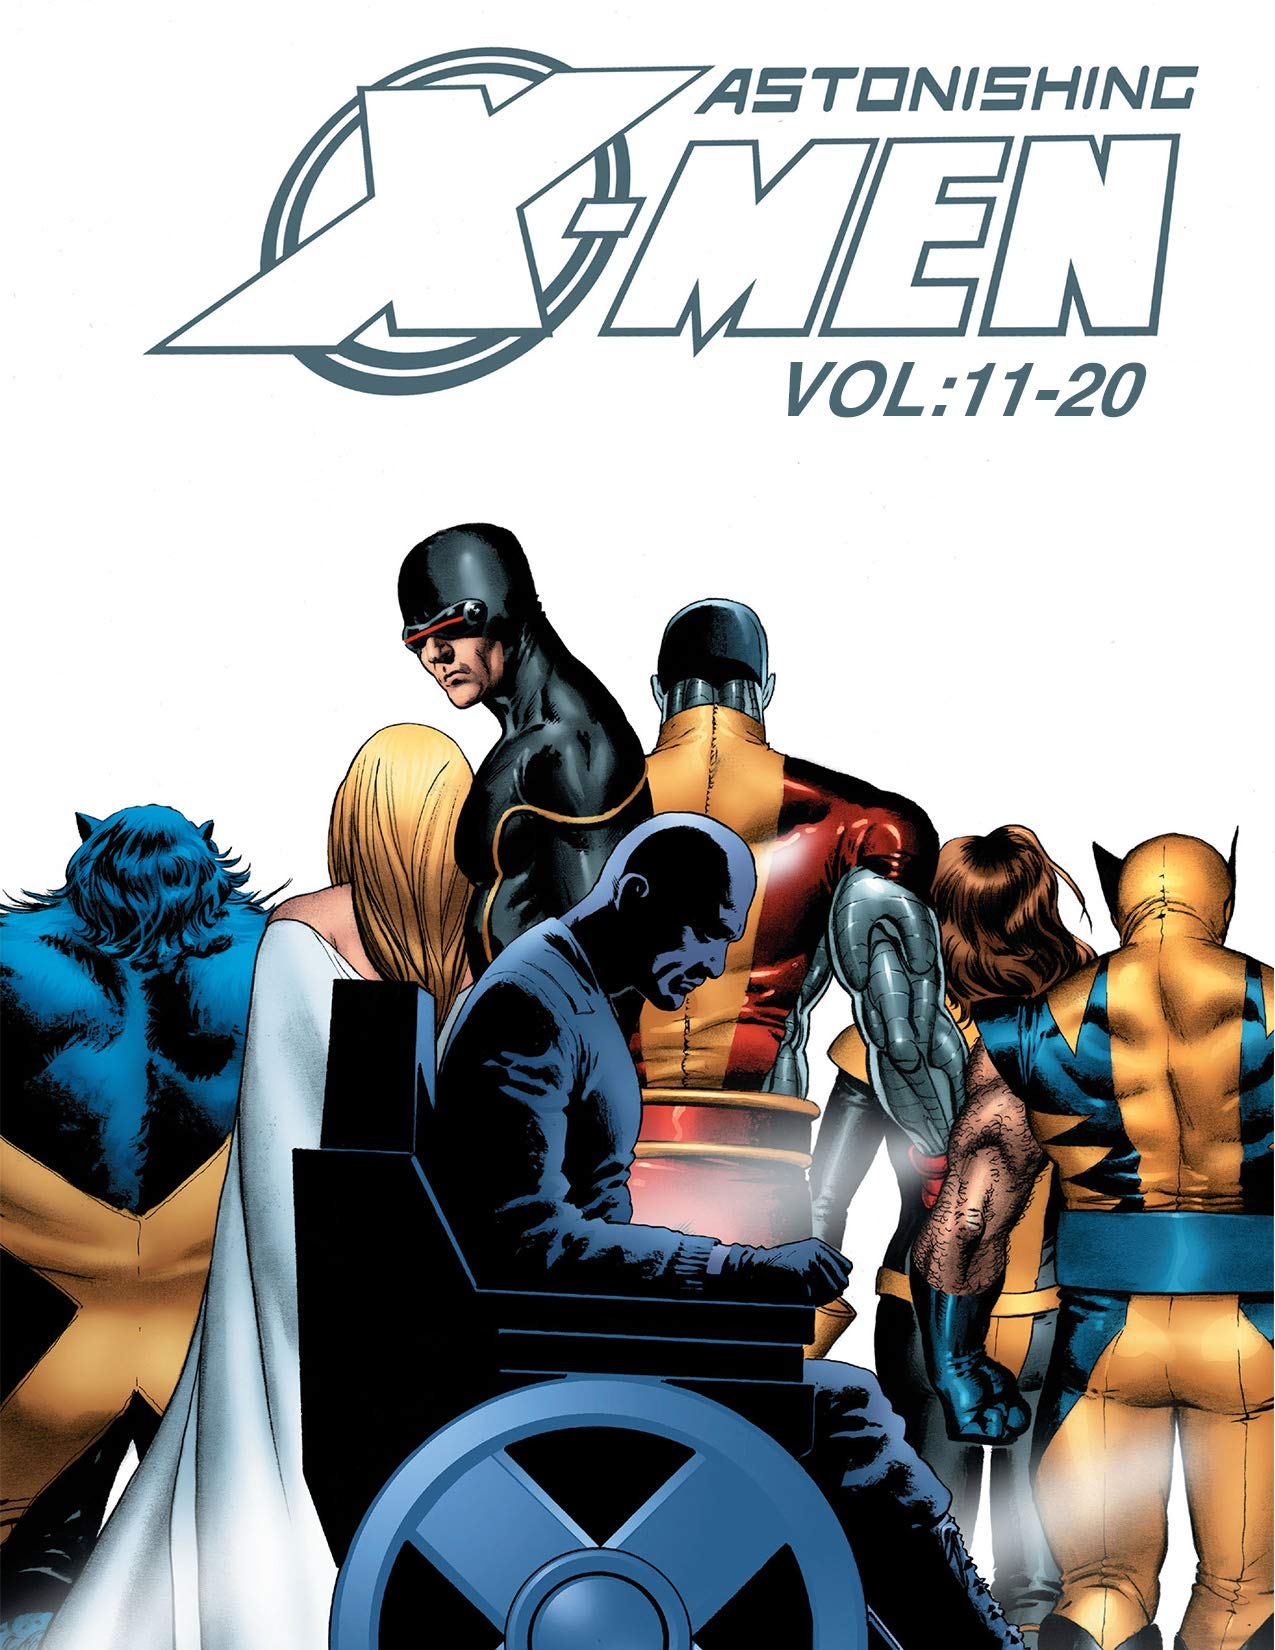 Astonishing xmen: Astonishing X-Men omnibus | astonishing x-men, vol. 11 to vol. 20 comic